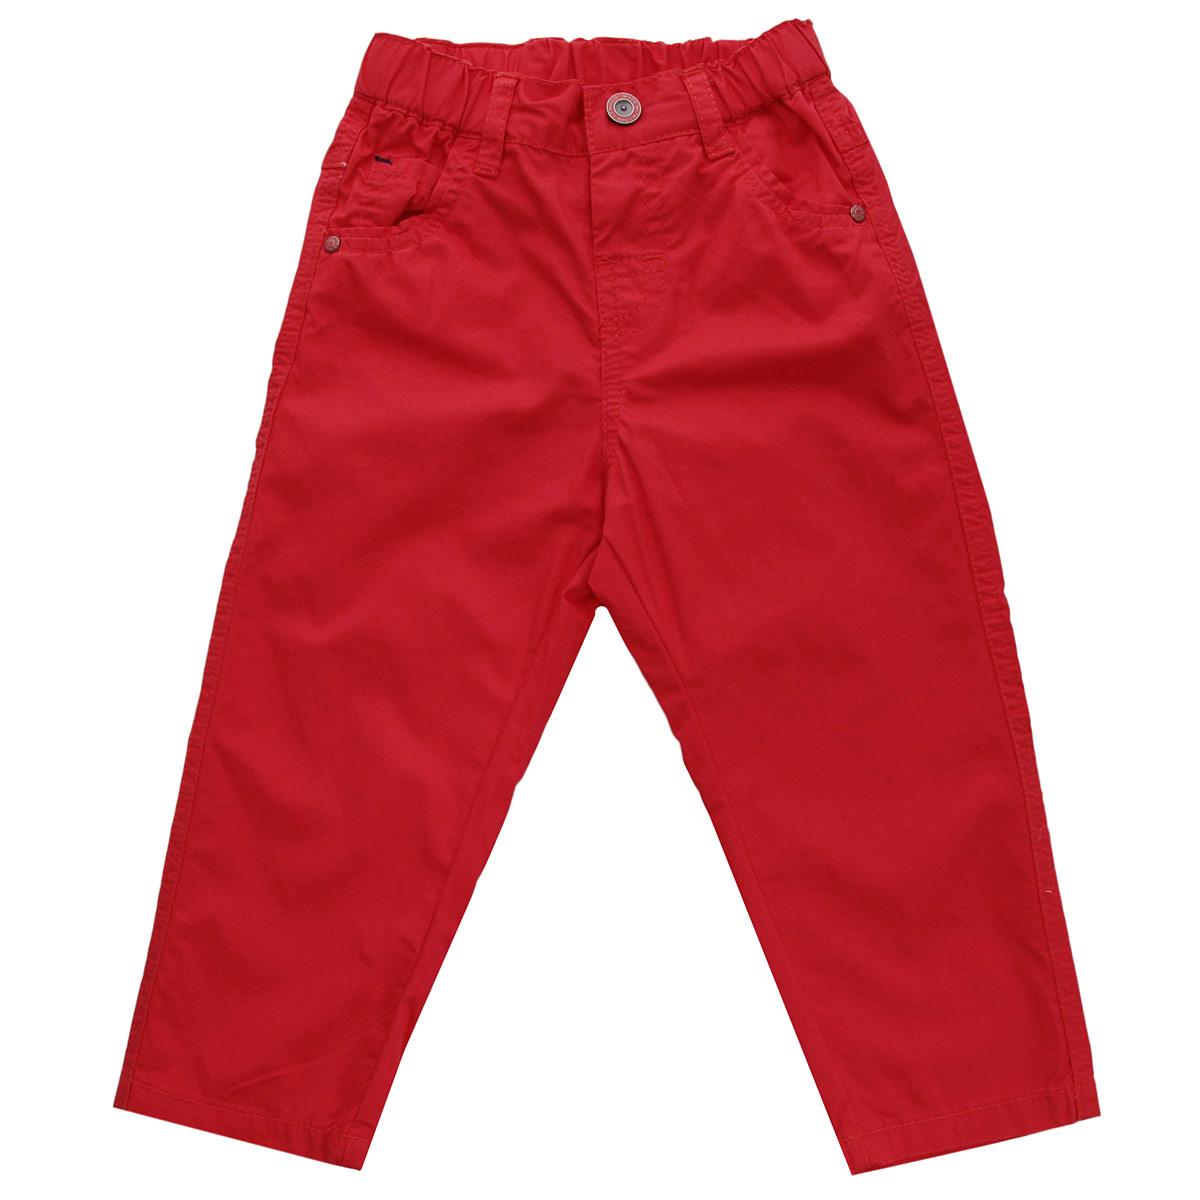 Брюки для мальчика. 90240429024042Модные летние брюки для мальчика Chicco прекрасно подойдут вашему ребенку и станут отличным дополнением к детскому гардеробу. Изготовленные из натурального хлопка, они мягкие и приятные на ощупь, не сковывают движения и позволяют коже дышать, не раздражают нежную кожу ребенка, обеспечивая ему наибольший комфорт. Брюки на талии застегиваются на металлическую застежку-кнопку и имеют широкую эластичную резинку. Также имеются шлевки для ремня. Спереди модель дополнена двумя втачными карманами и одним накладным кармашком. Сзади имеется имитация карманов с клапанами на кнопках. Оформлены карманы оригинальными клепками. В таких брюках ваш маленький мужчина будет чувствовать себя комфортно, уютно и всегда будет в центре внимания!